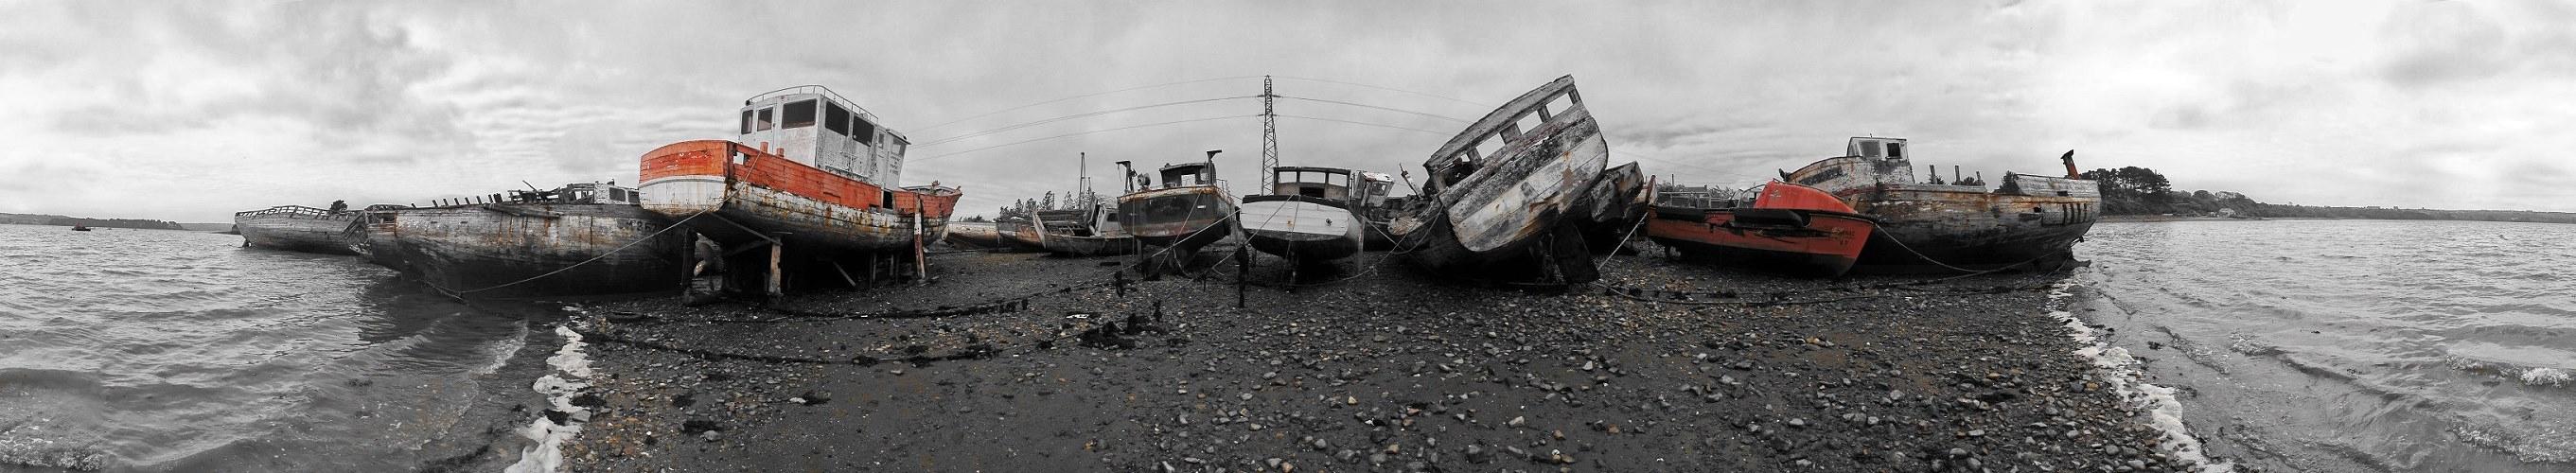 Schifffriedhof von Rostellec - Finistere / Bretagne